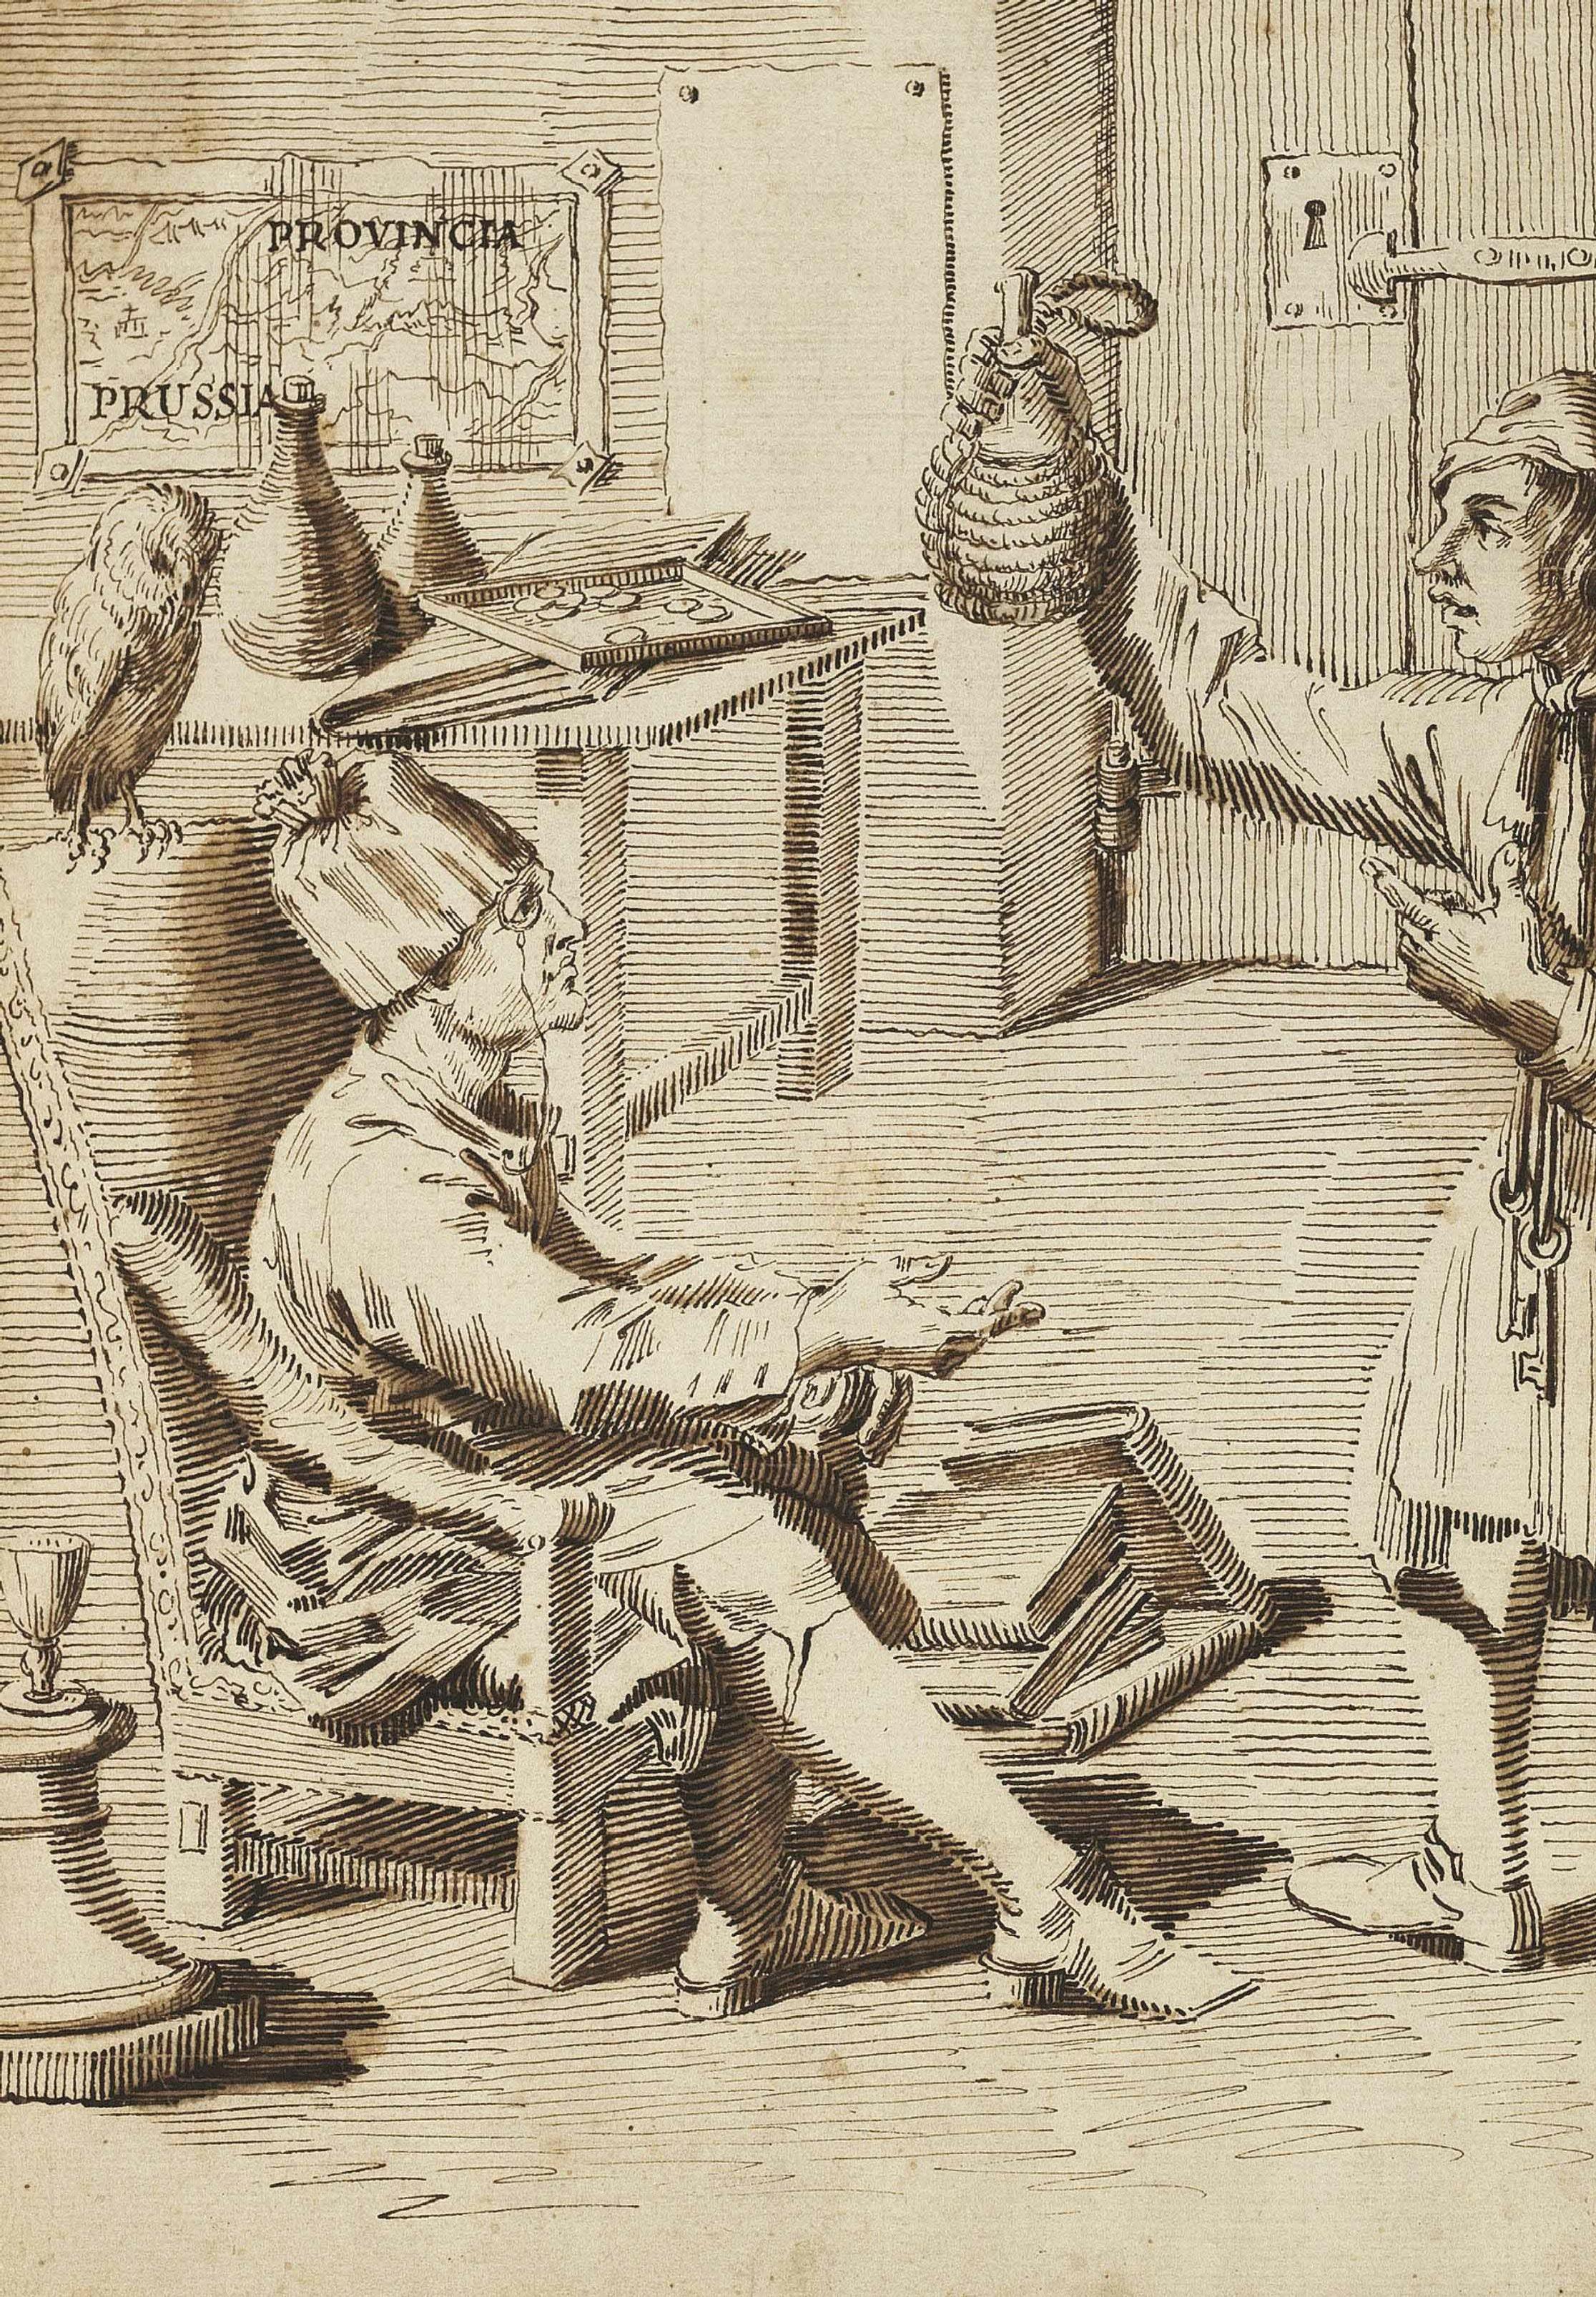 File:Philipp von Stosch (1691-1757), by Pier Leone Ghezzi (